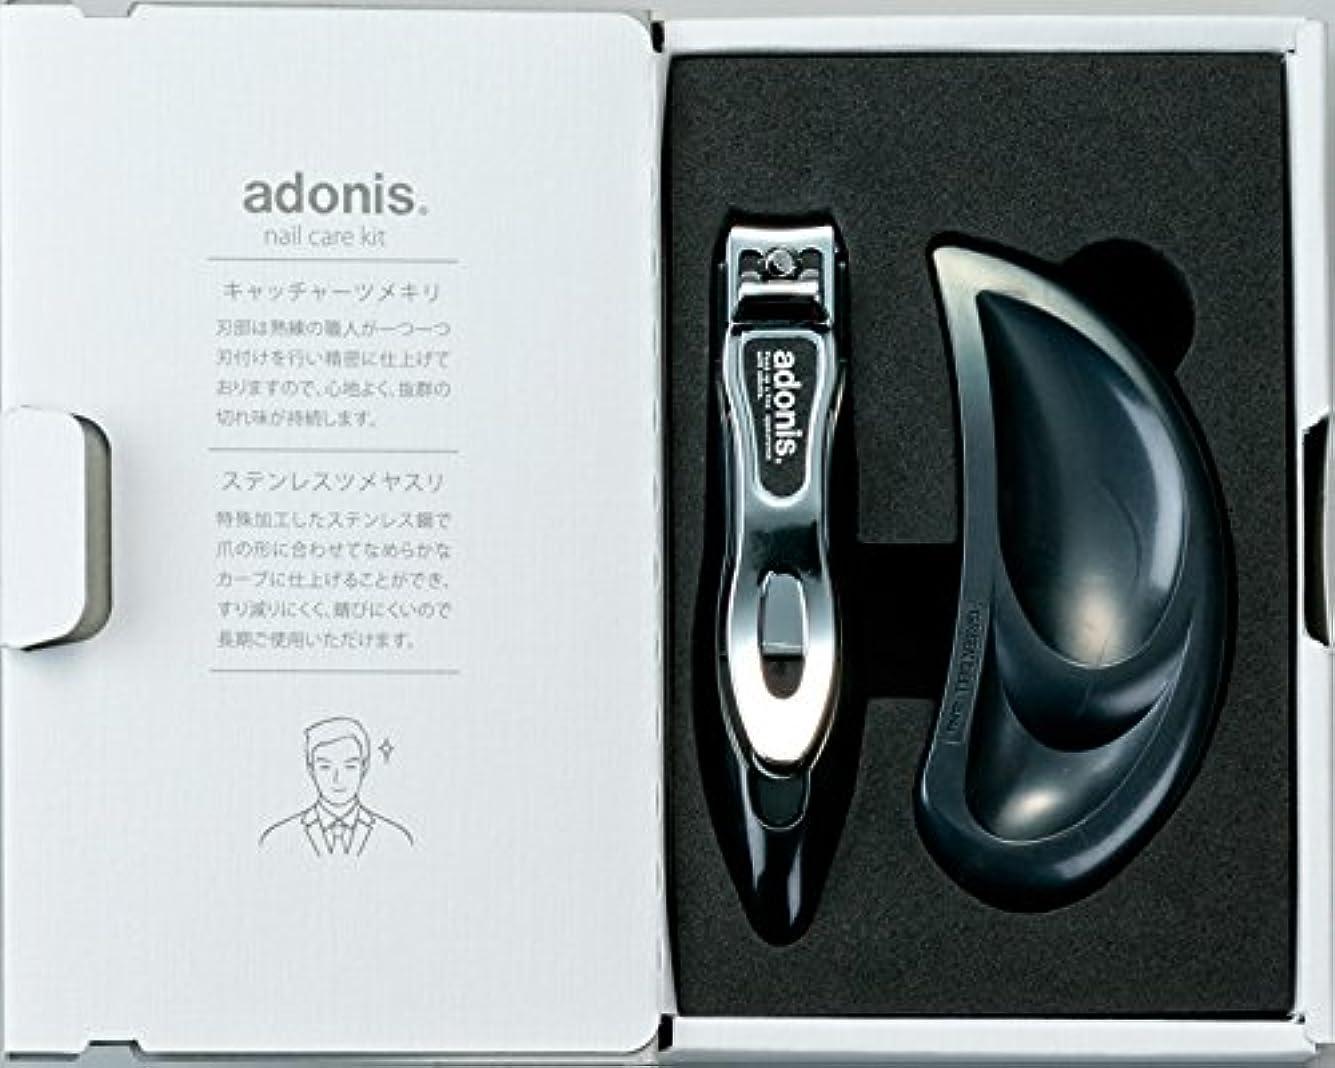 宝改革製品アドニス(adonis) つめきり&つめやすりセット ブラック